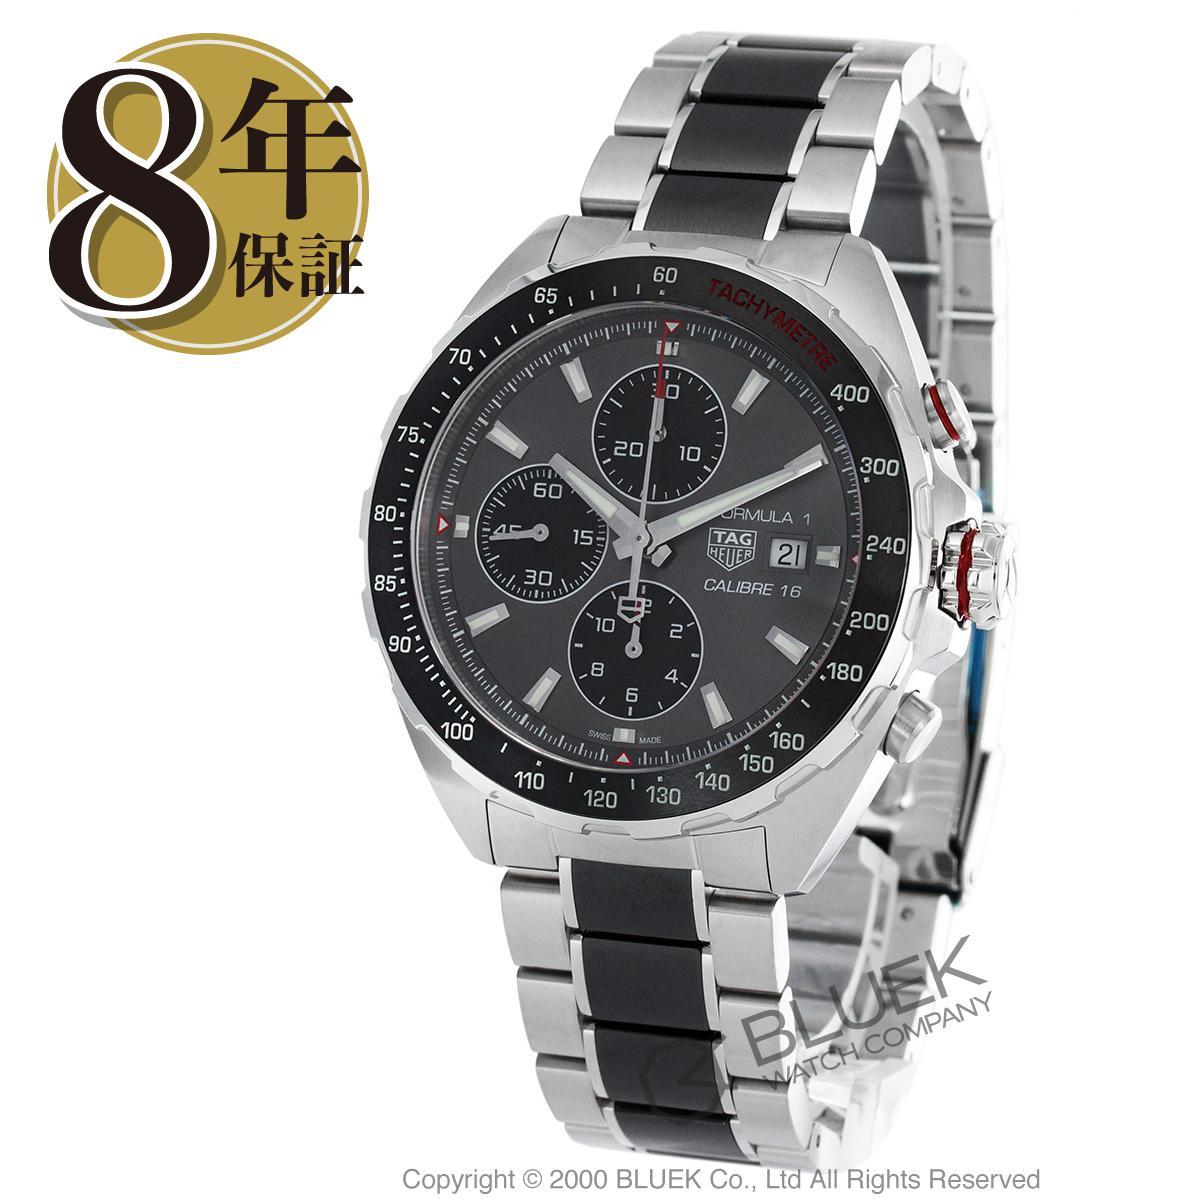 タグホイヤー フォーミュラ1 クロノグラフ 腕時計 メンズ TAG Heuer CAZ2012.BA0970_8 バーゲン ギフト プレゼント